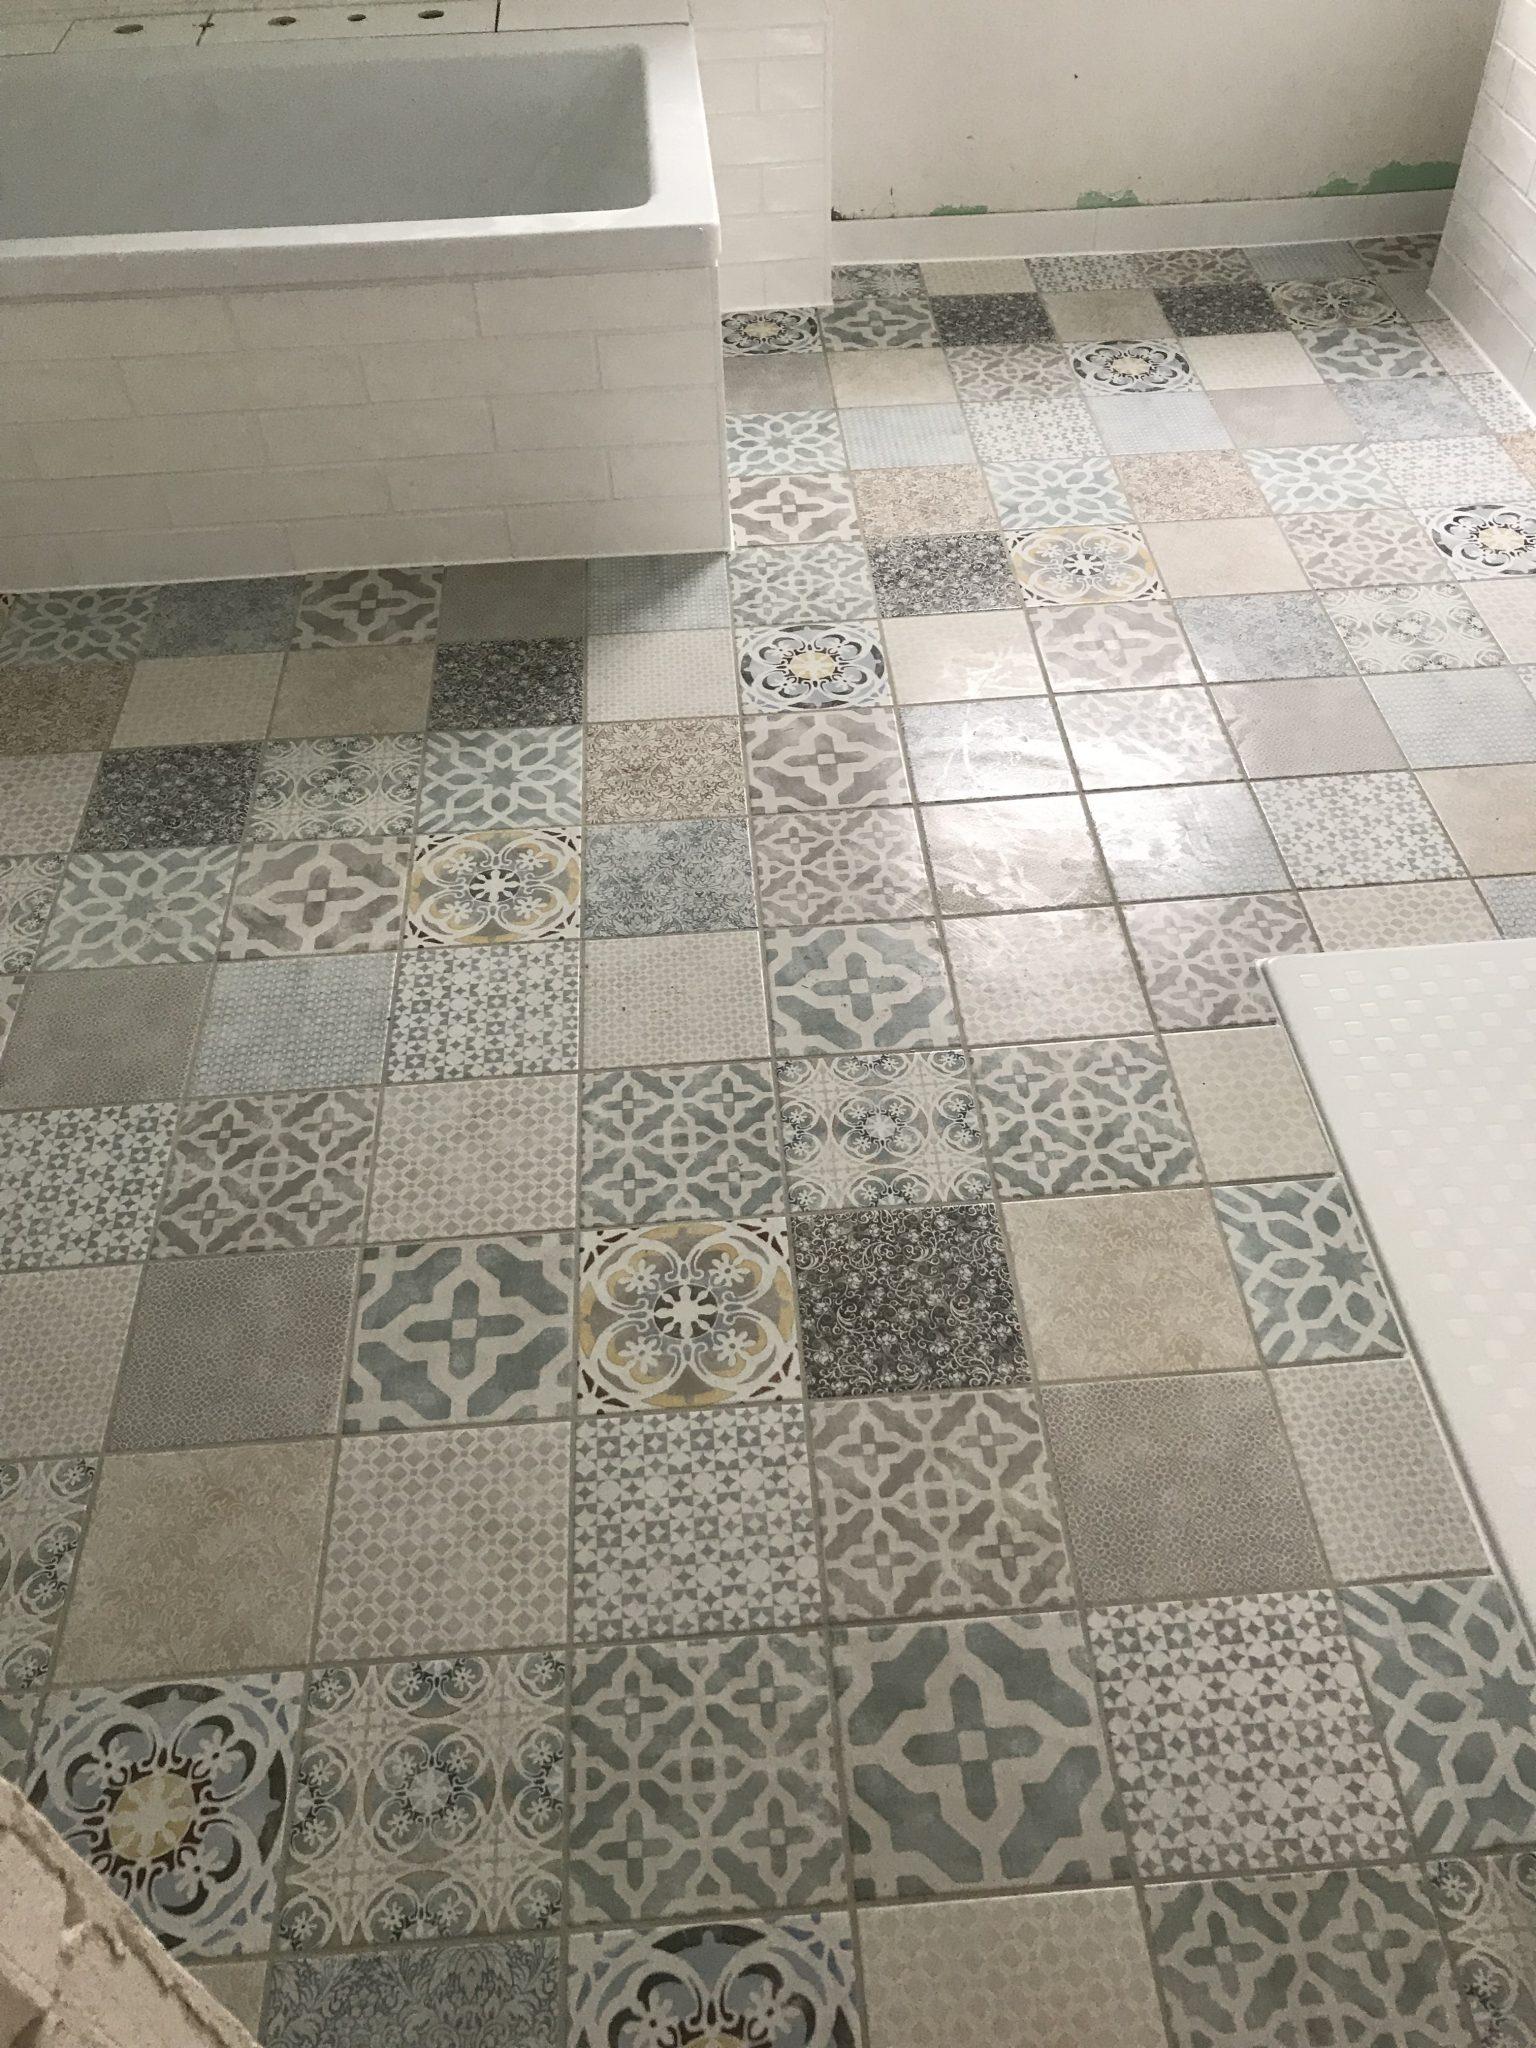 Fliesen Fliesenleger Mosaikleger Mosaik Platten Plattenleger Baumgarten